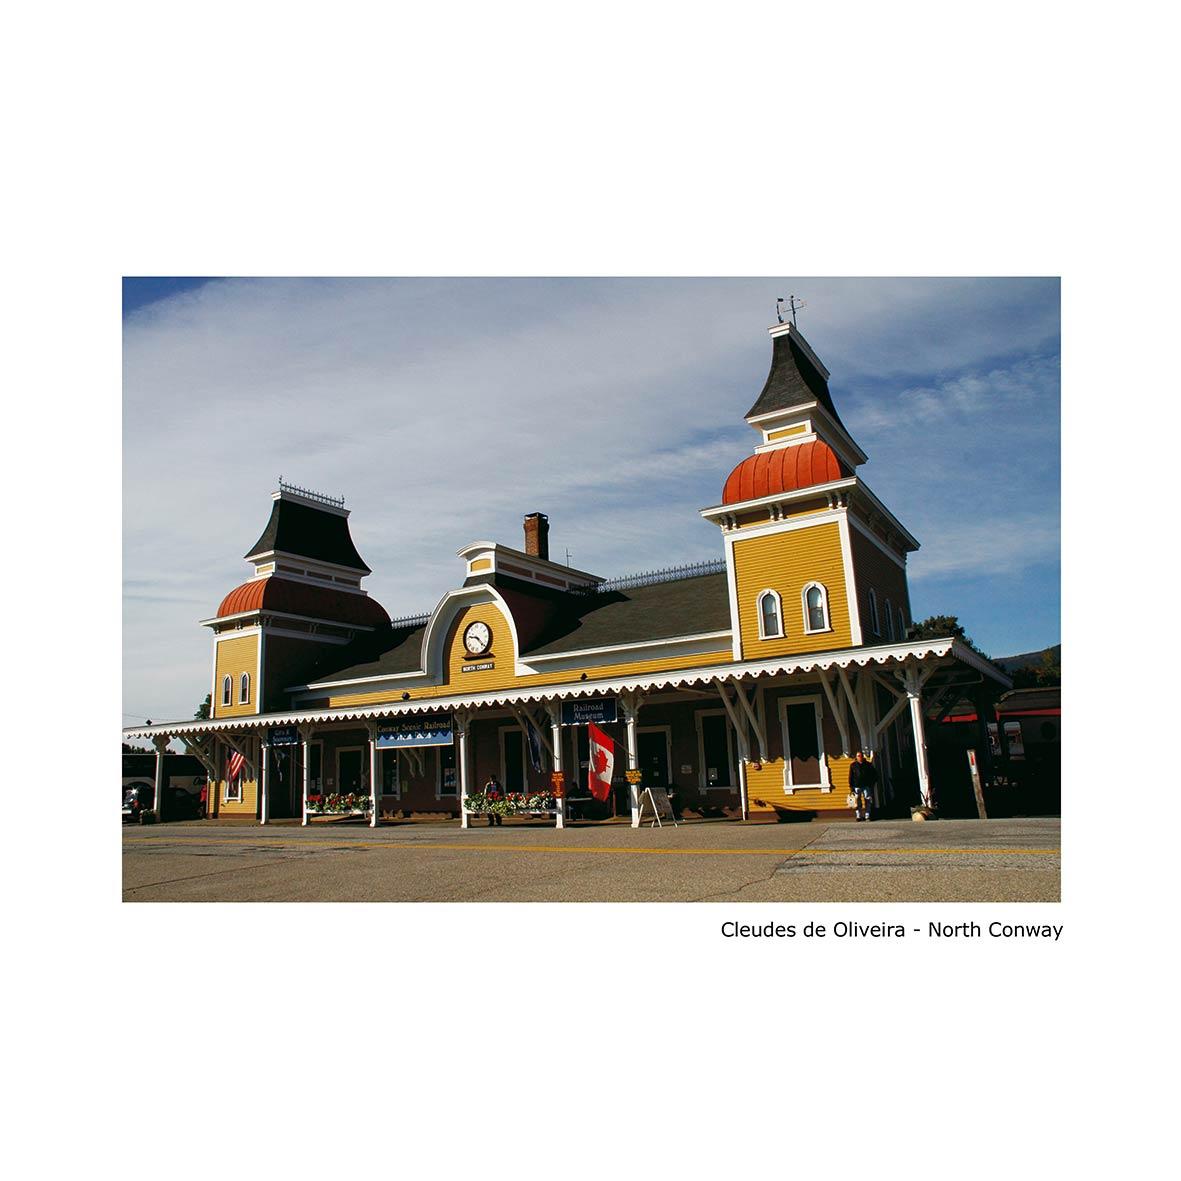 Cleudes-de-Oliveira---North-Conway